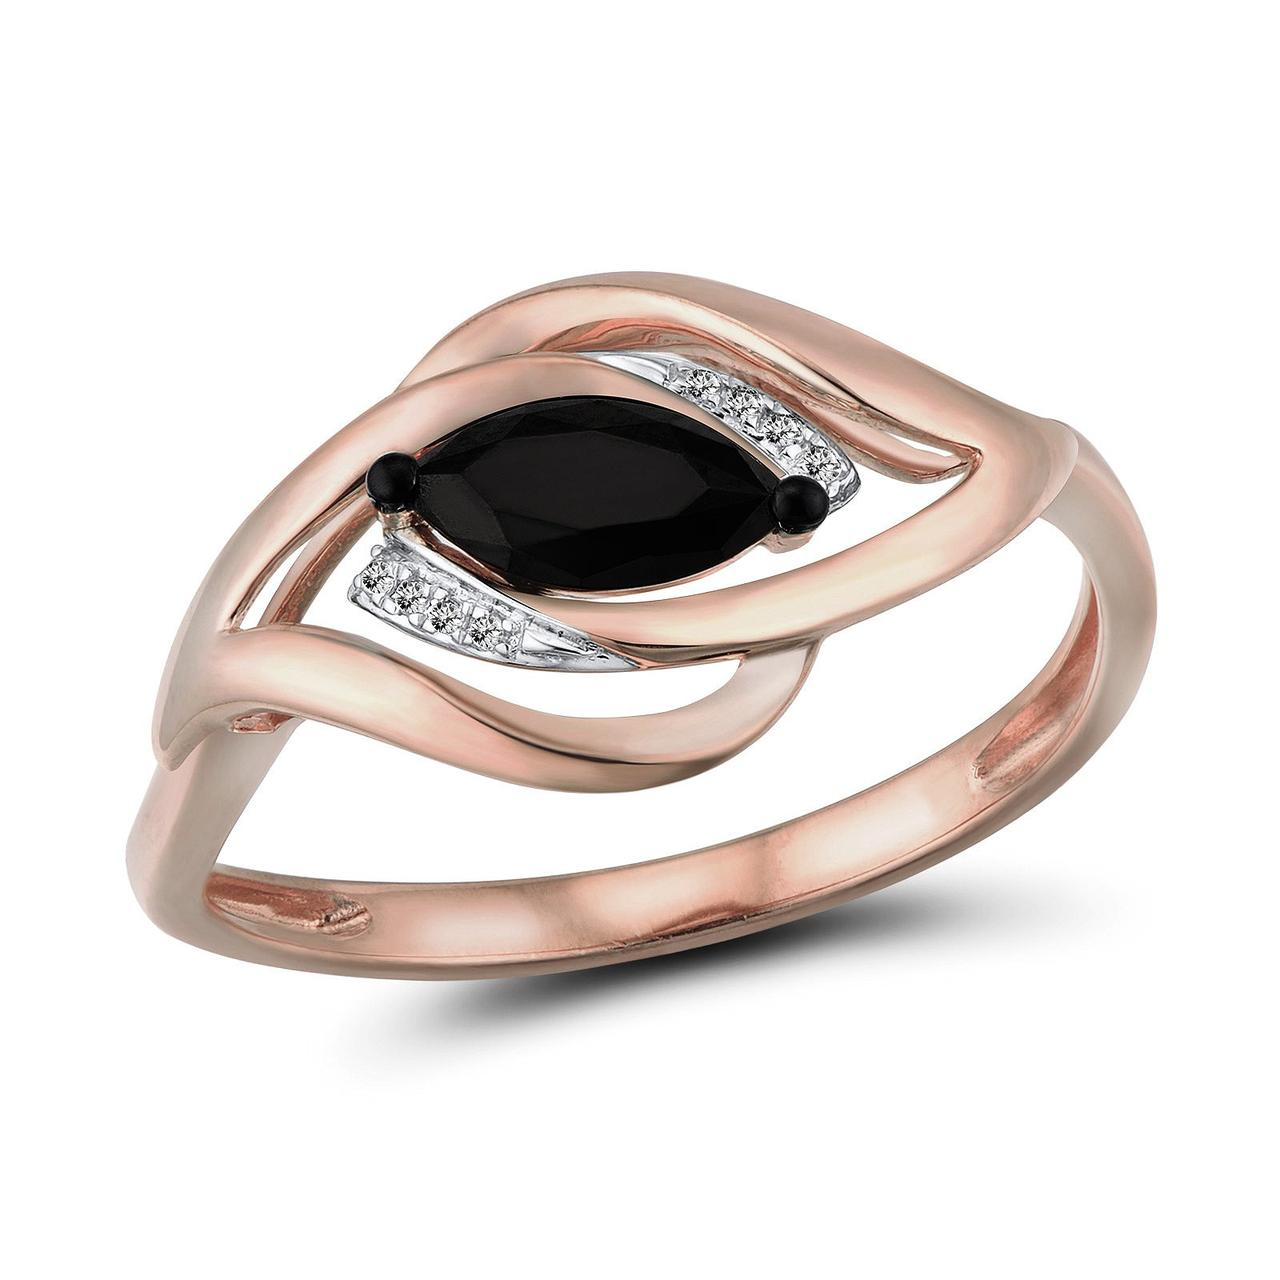 Золотое кольцо с бриллиантами и сапфиром, размер 15.5 (1692559)